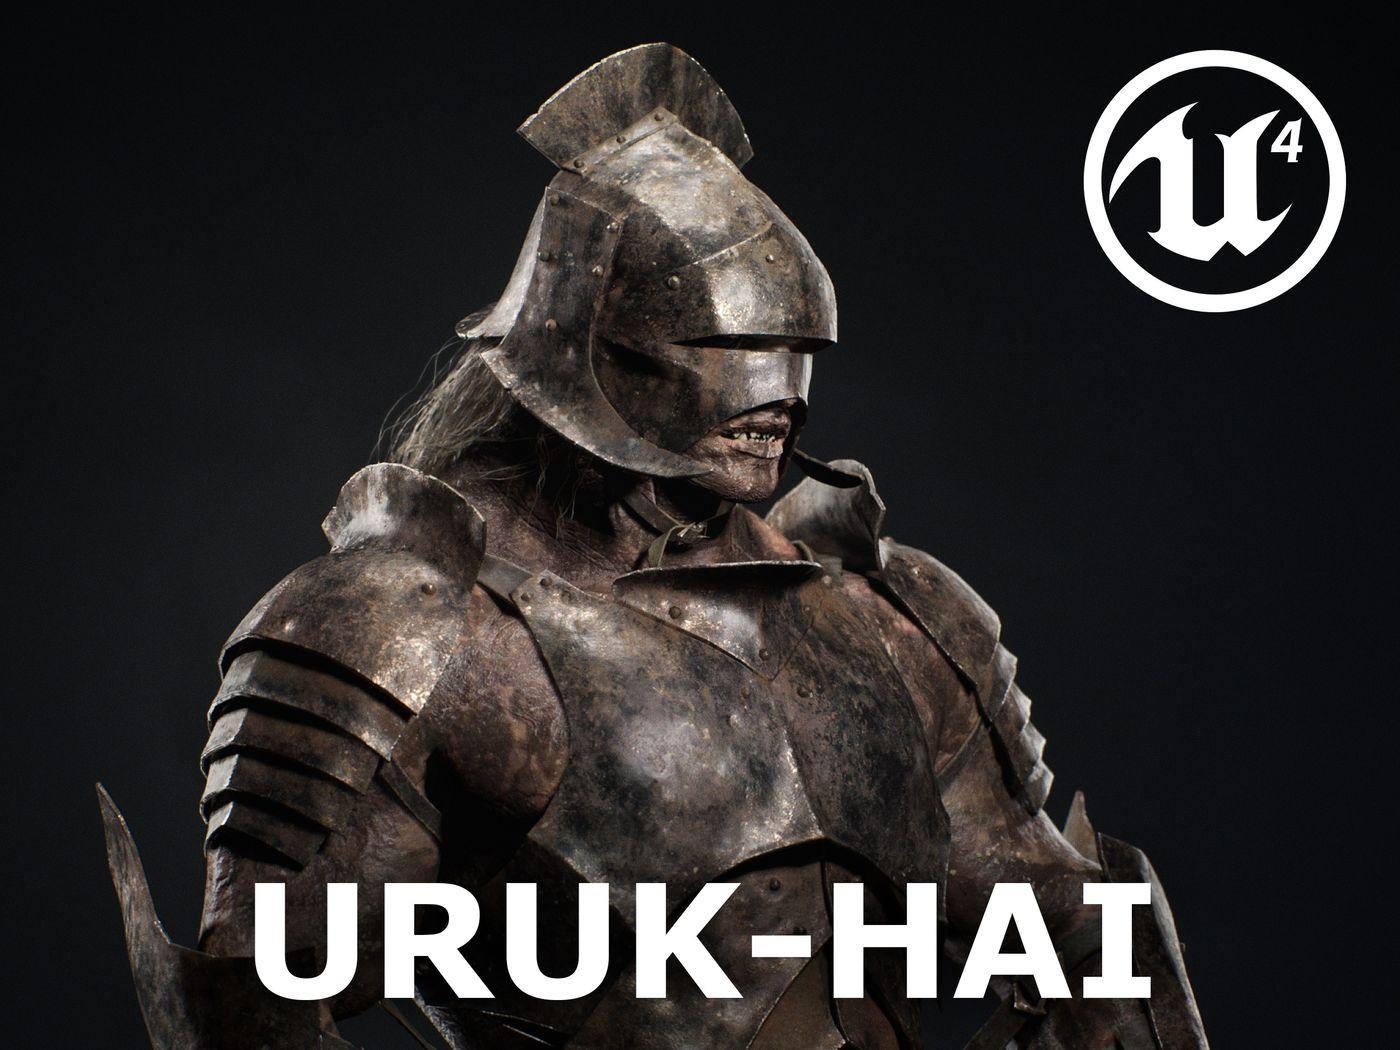 Uruk-Hai